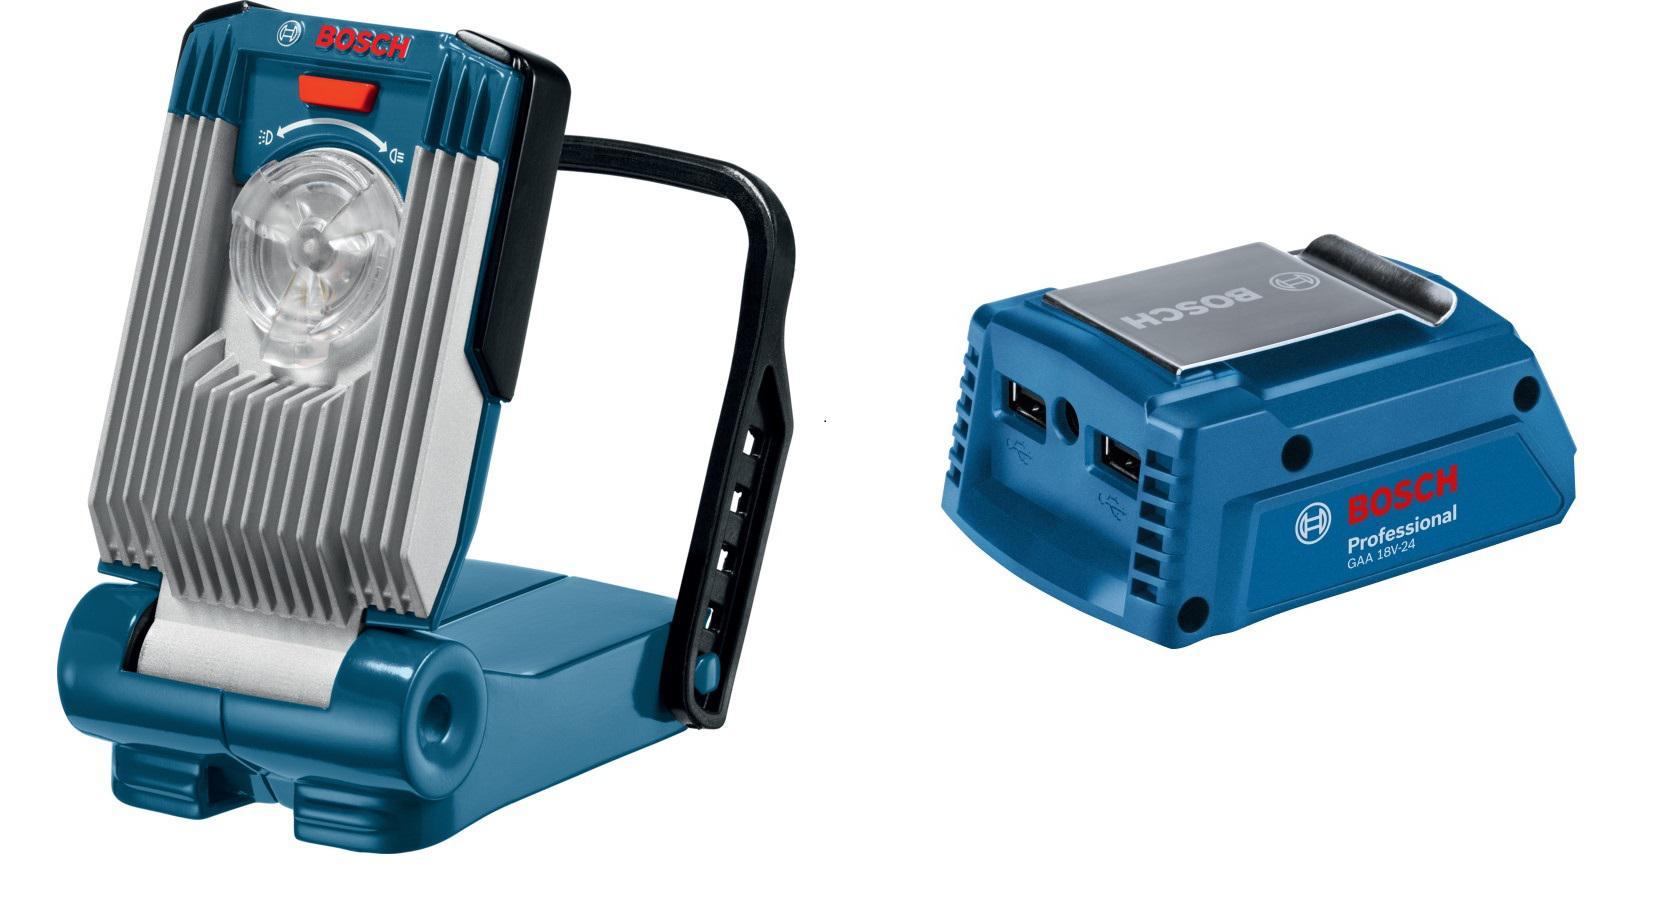 Набор Bosch Фонарь gli variled (0.601.443.400),Адаптер gaa 18v-24 набор bosch перфоратор gbh 18 v ec 0 611 904 00b адаптер gaa 18v 24